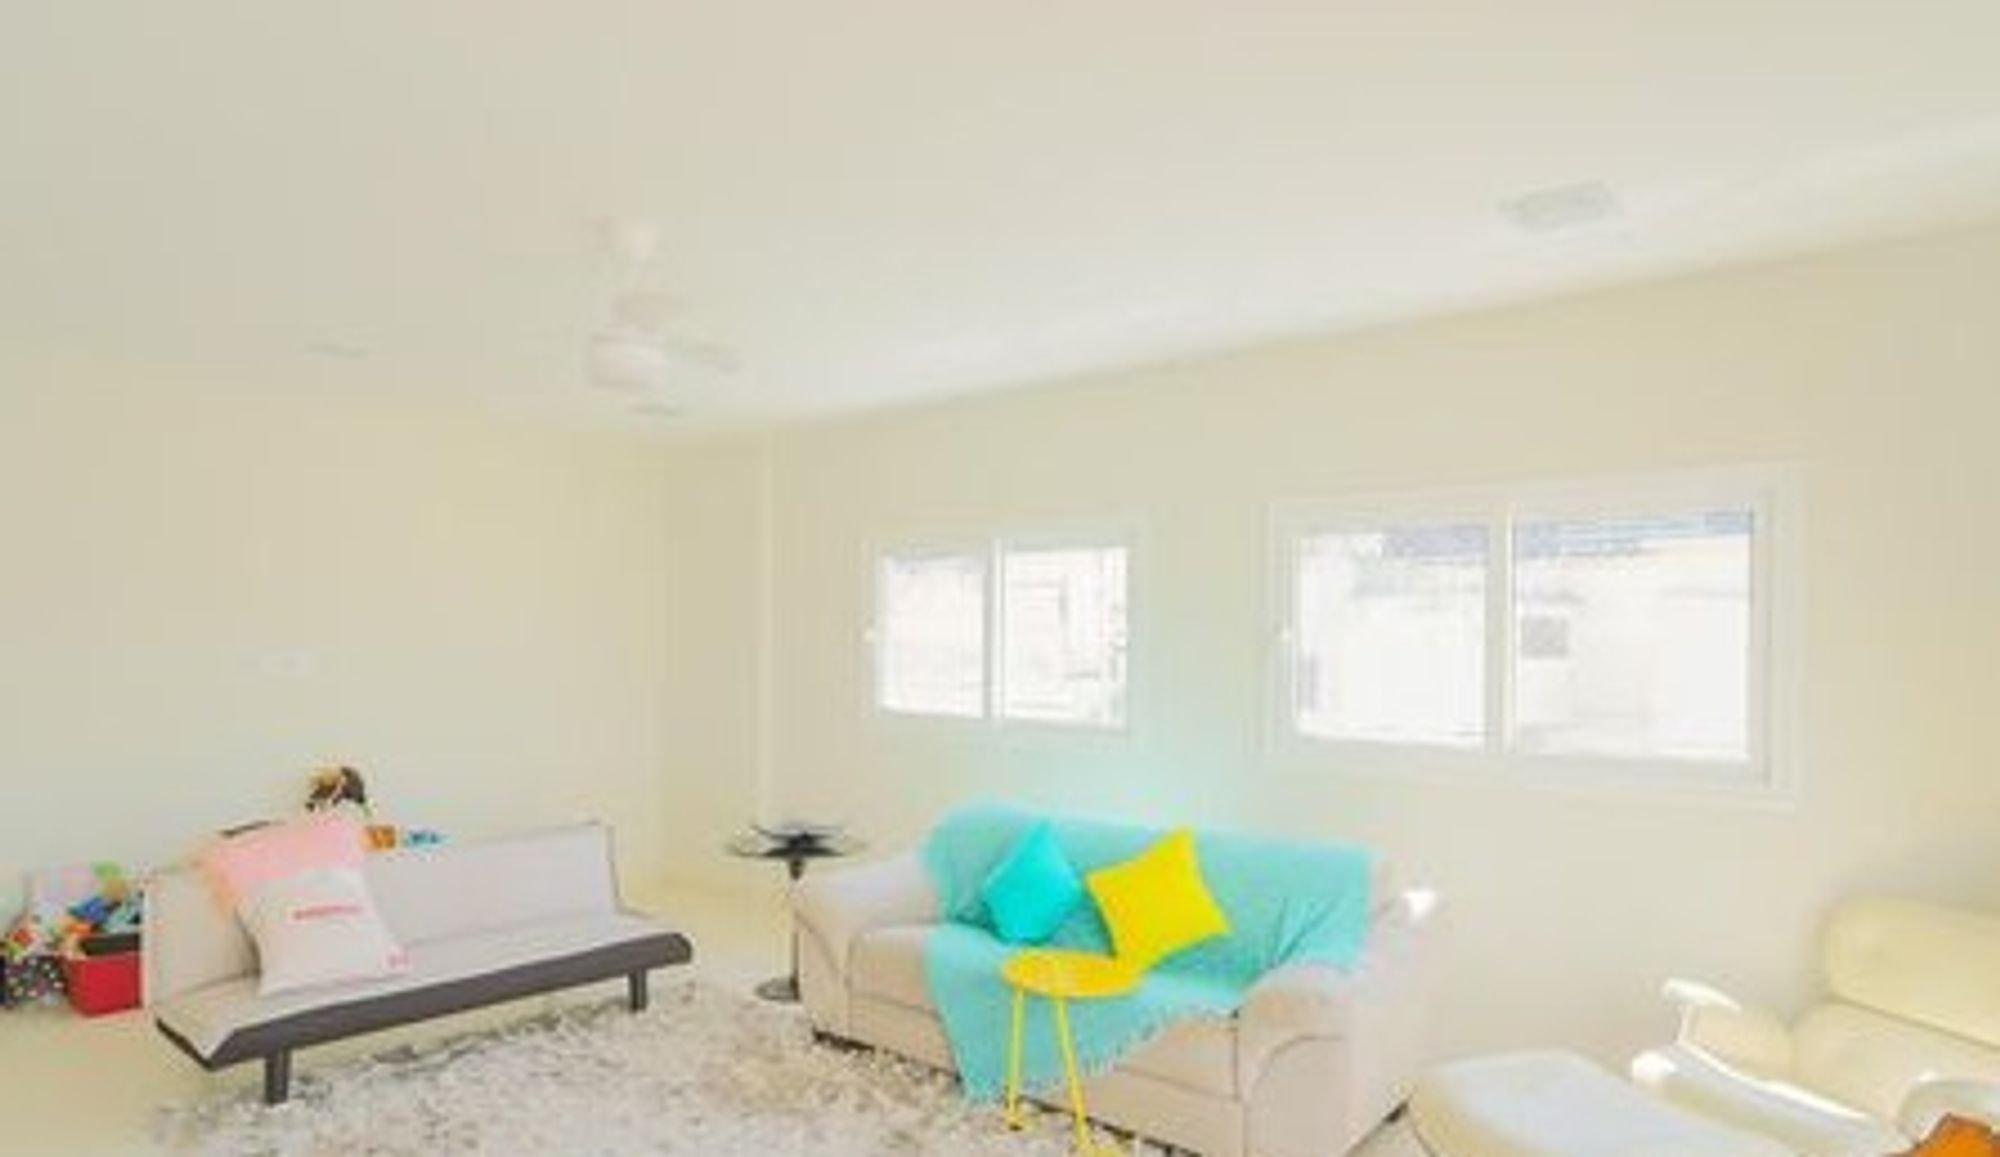 Foto de Sala com vaso de planta, banco, sofá